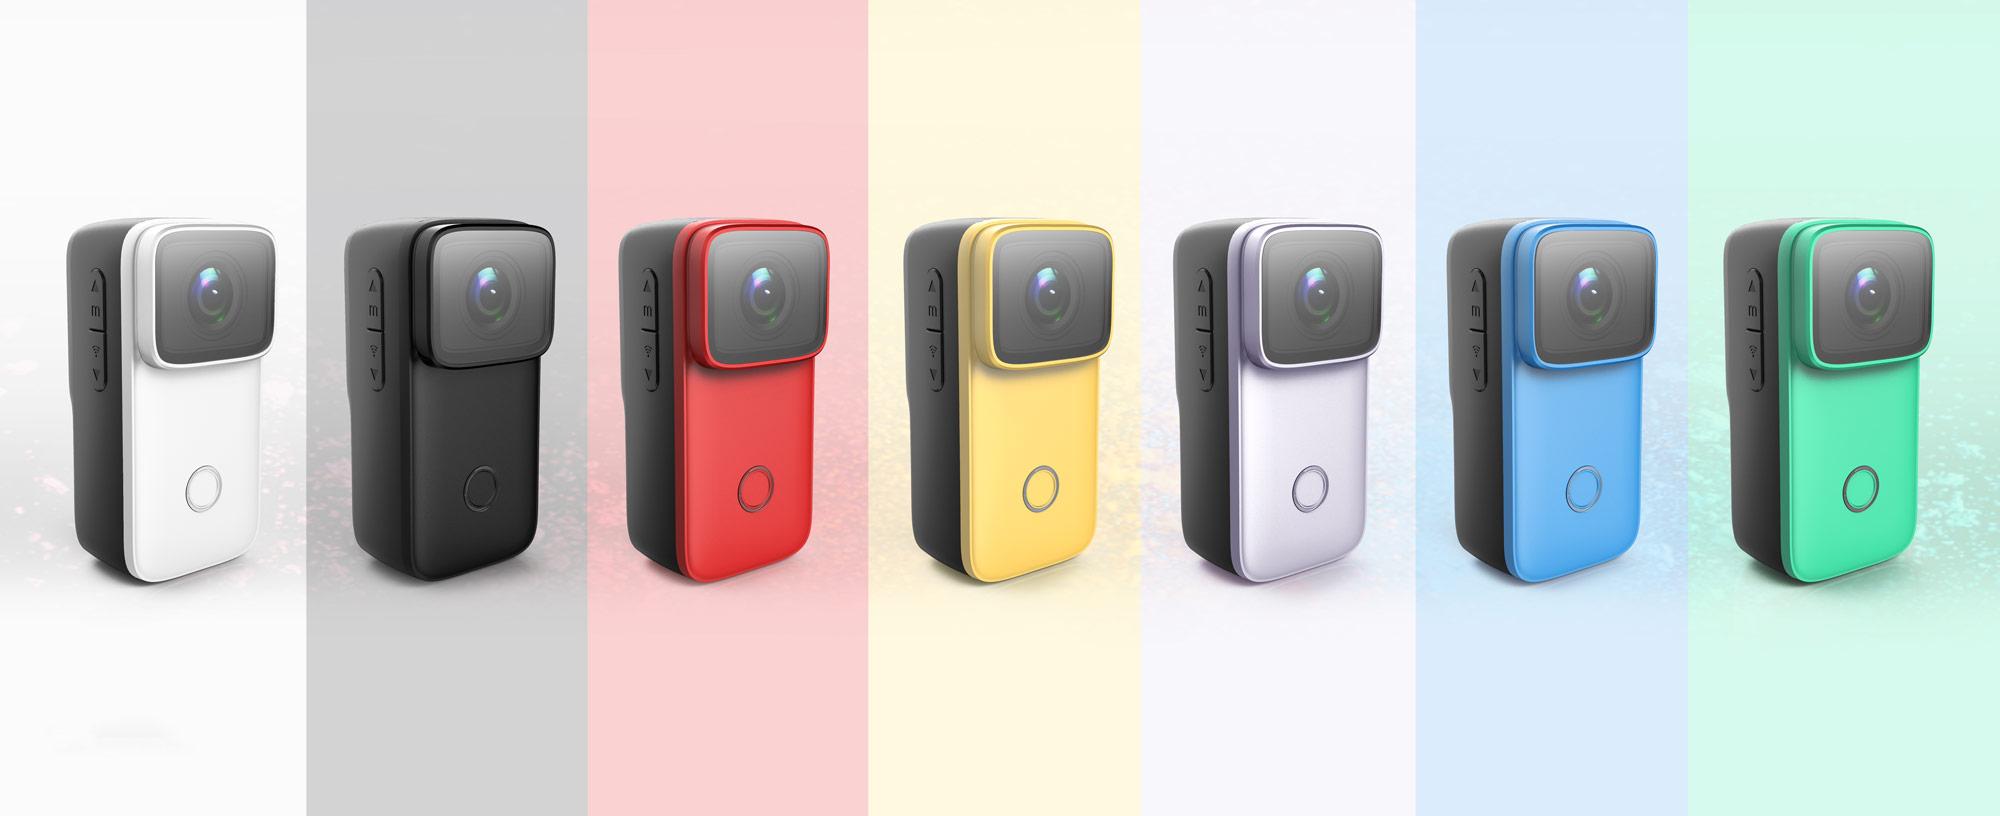 Barevné varianty akční kamery SJCAM C200